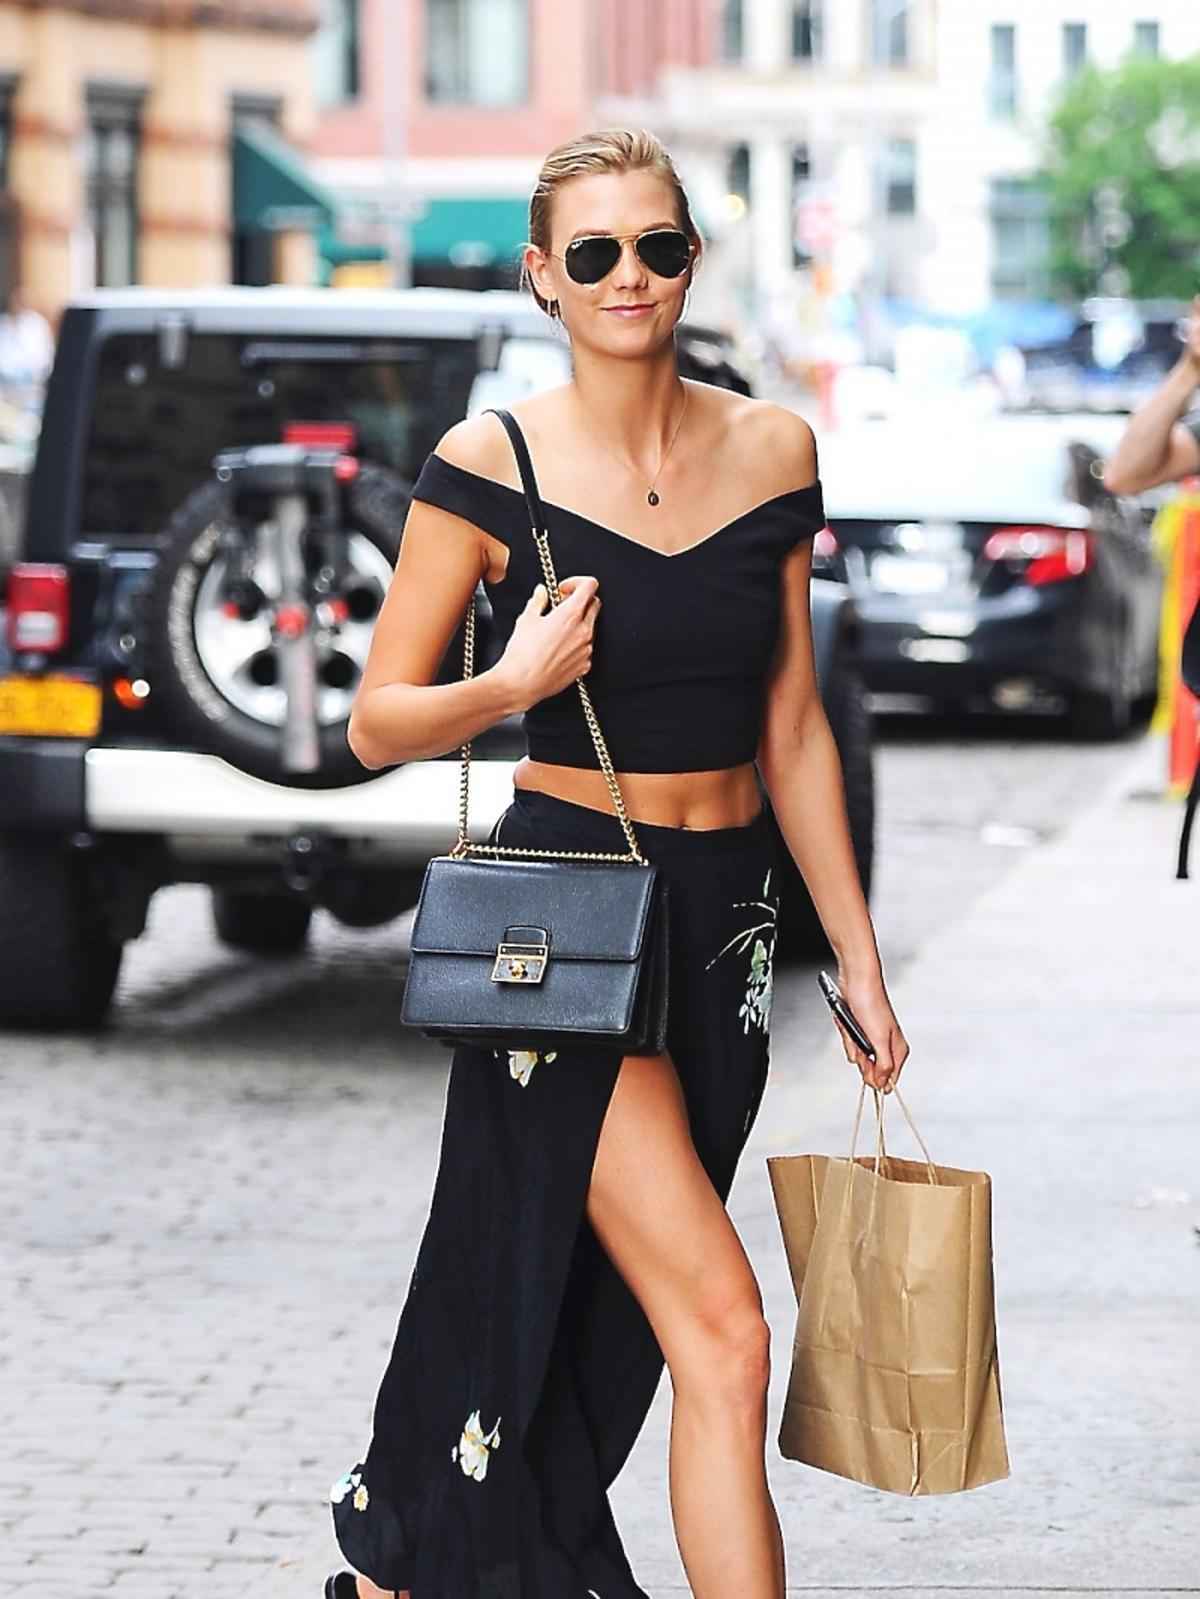 Karlie Kloss w czarnym topie i spódnicy spaceruje ulicami Nowego Jorku